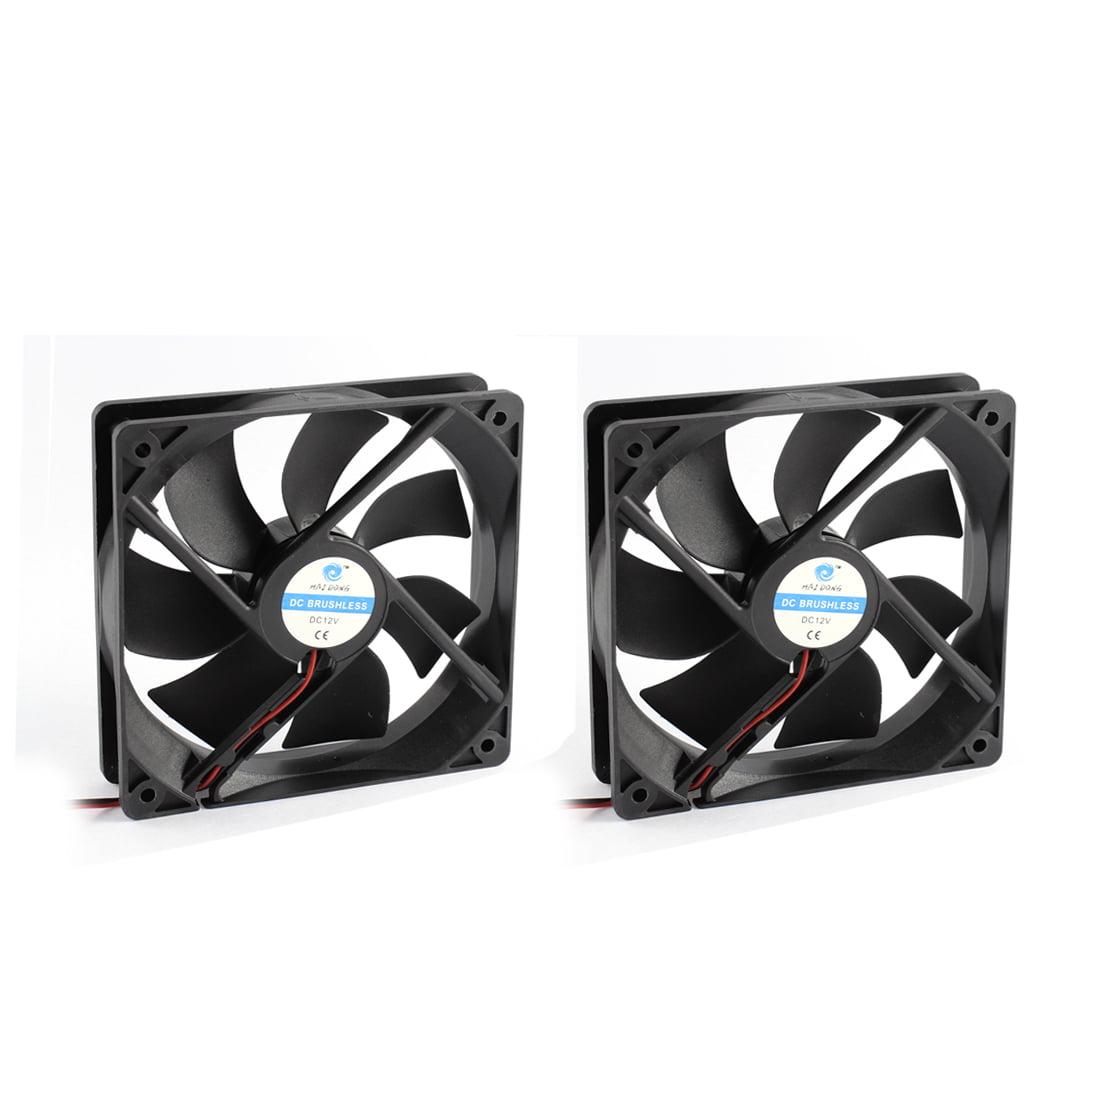 Unique Bargains 2pcs 12V 7 Fans DC Brushless Axial Cooling Fan Heatsink Cooler 12 x 12 x 2.5cm